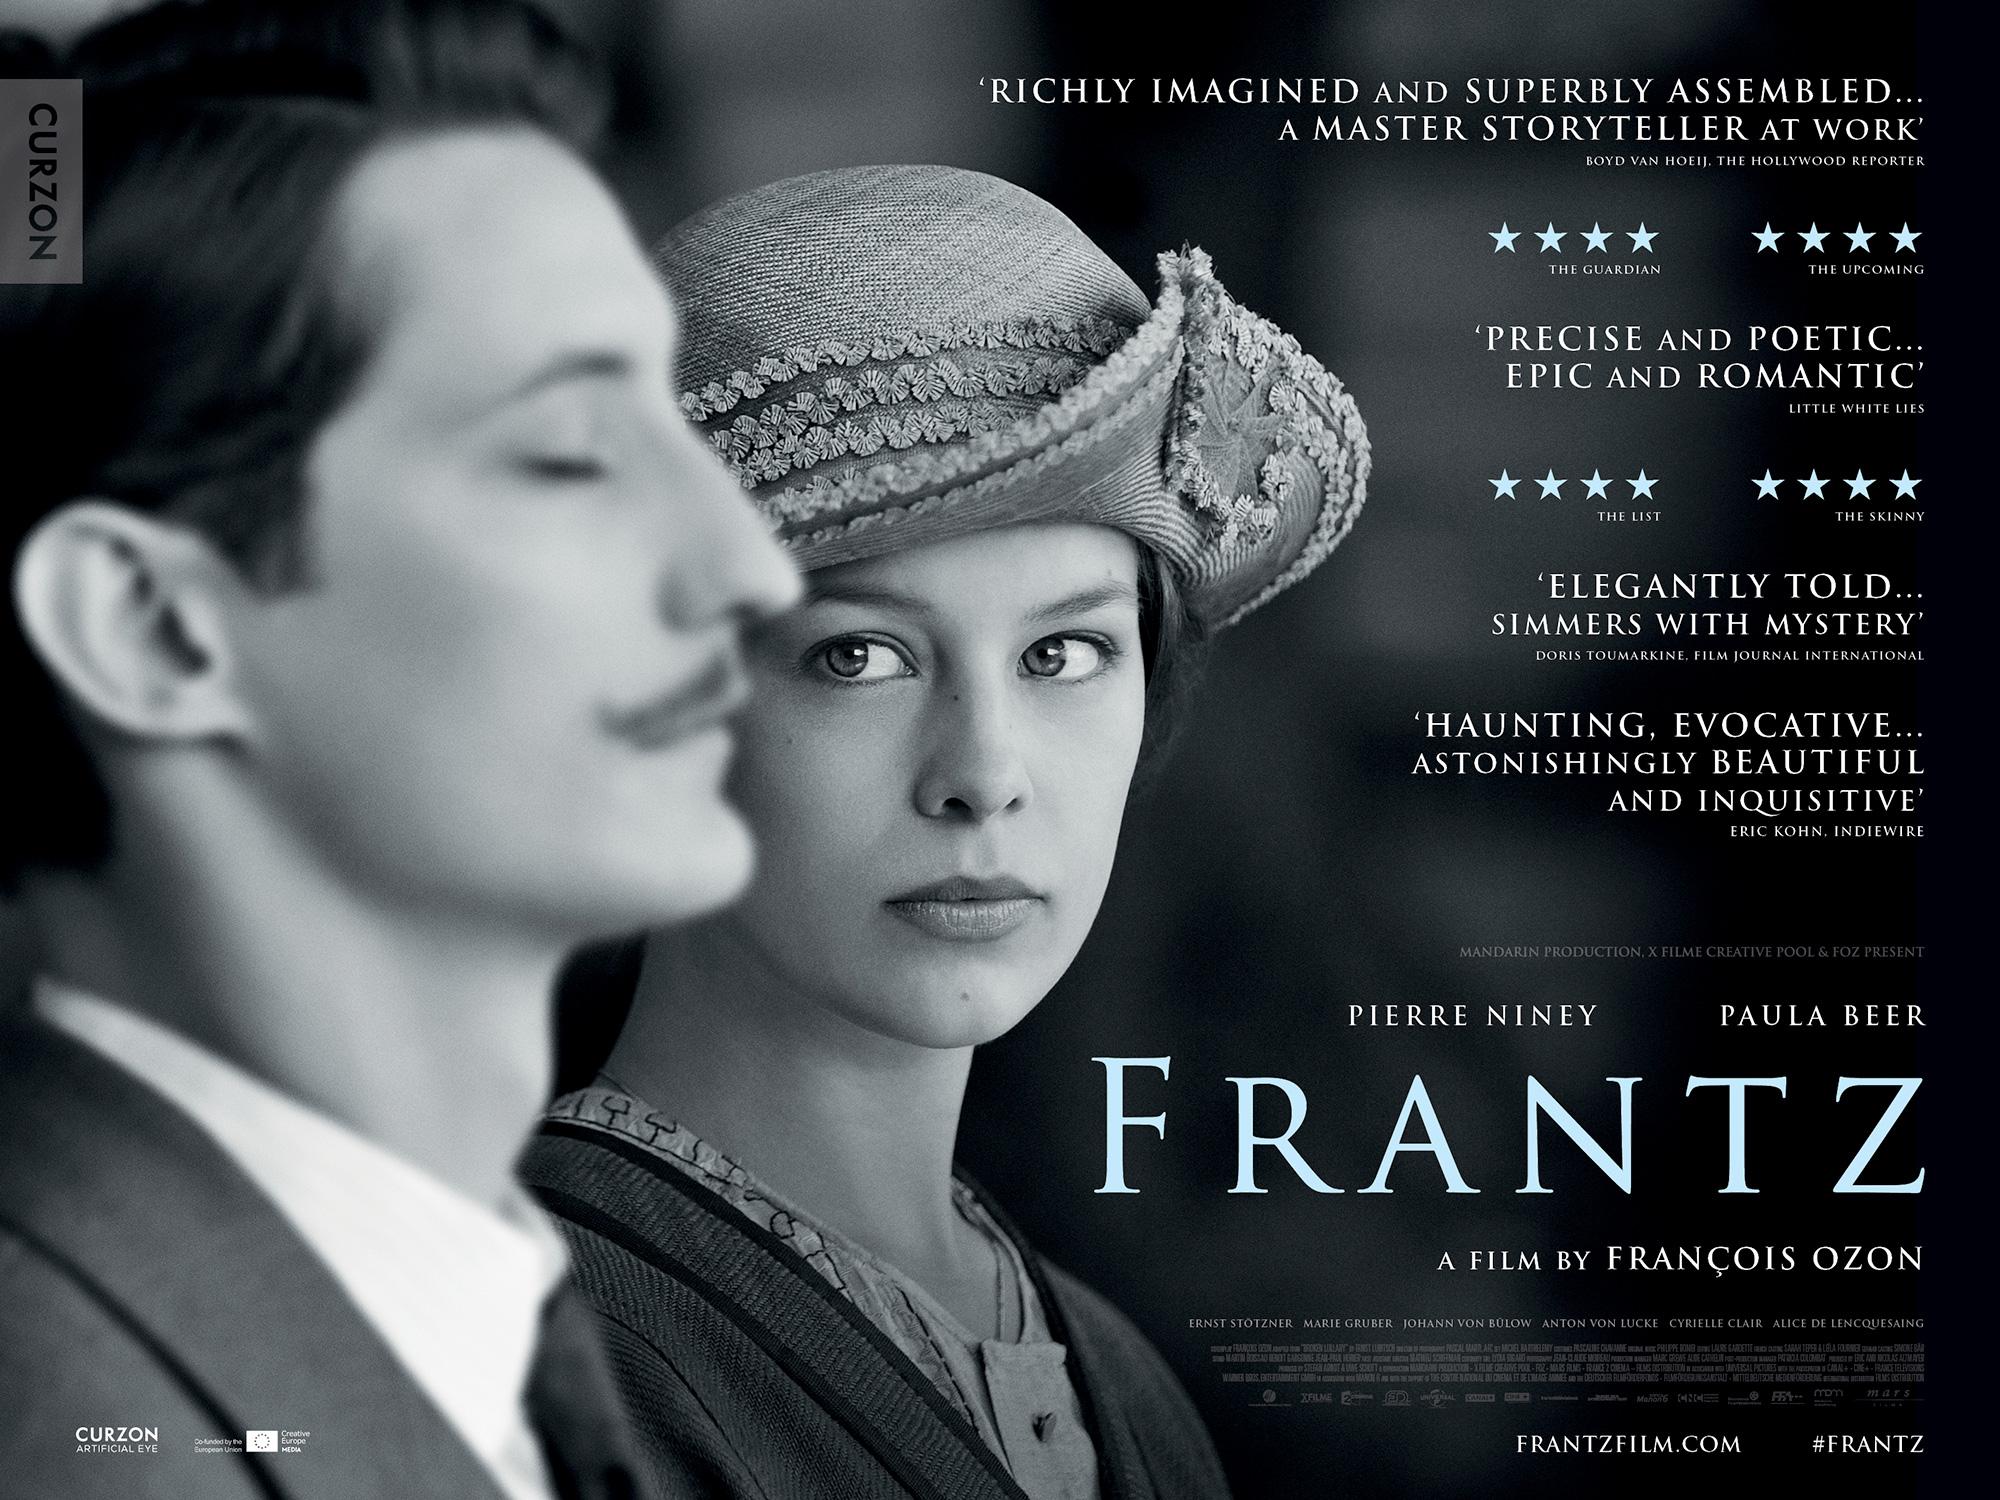 Franz Film